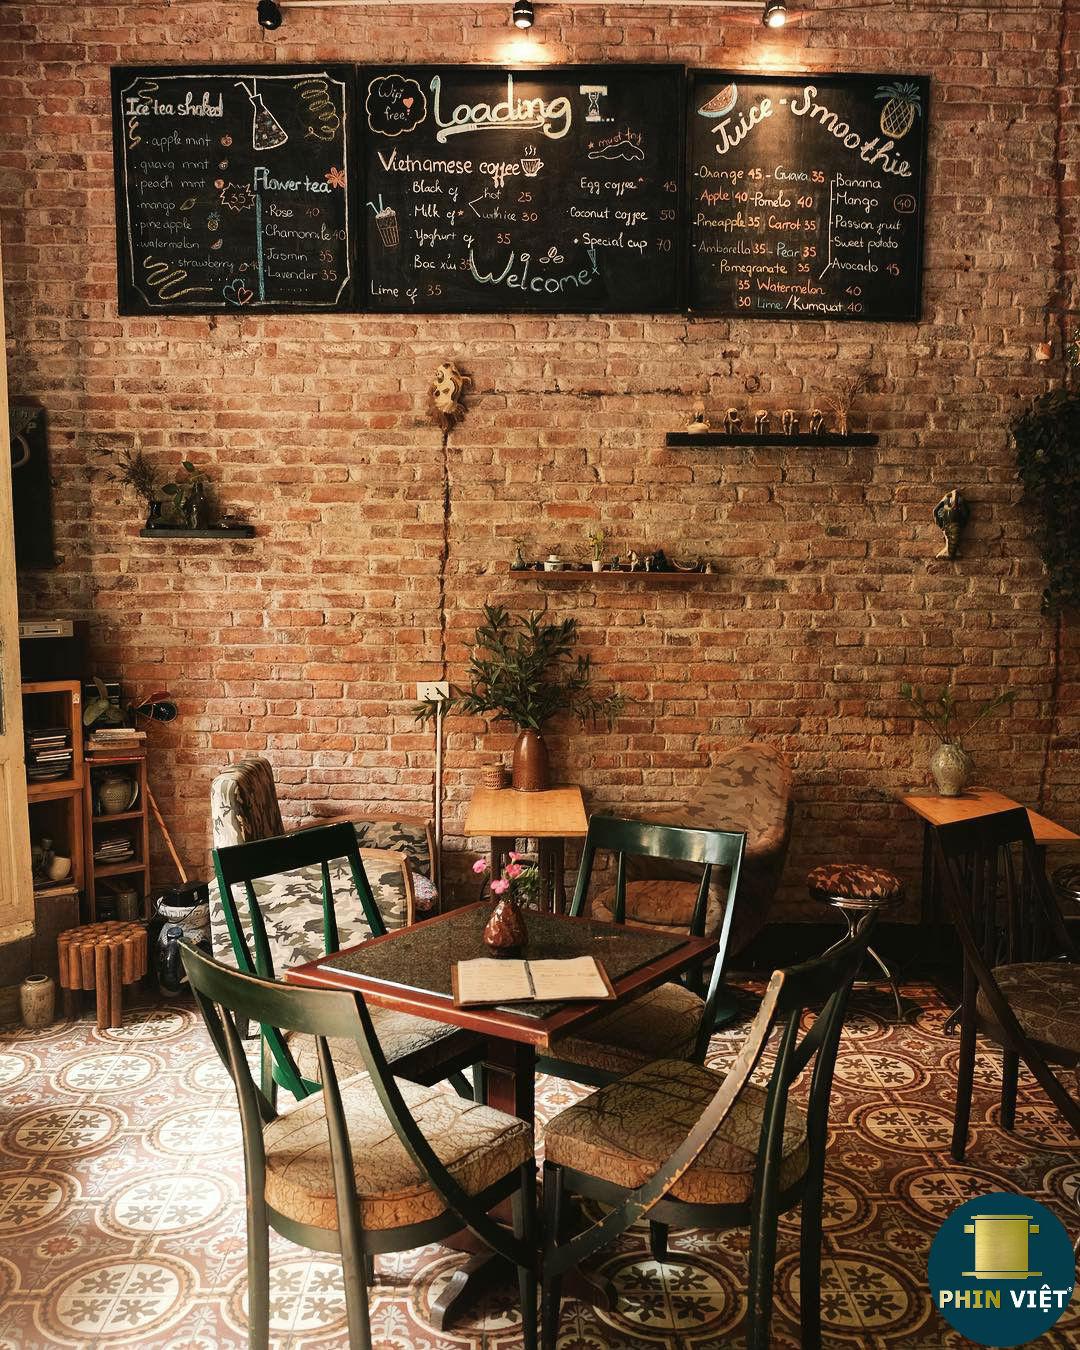 menu quán cà phê Loading T